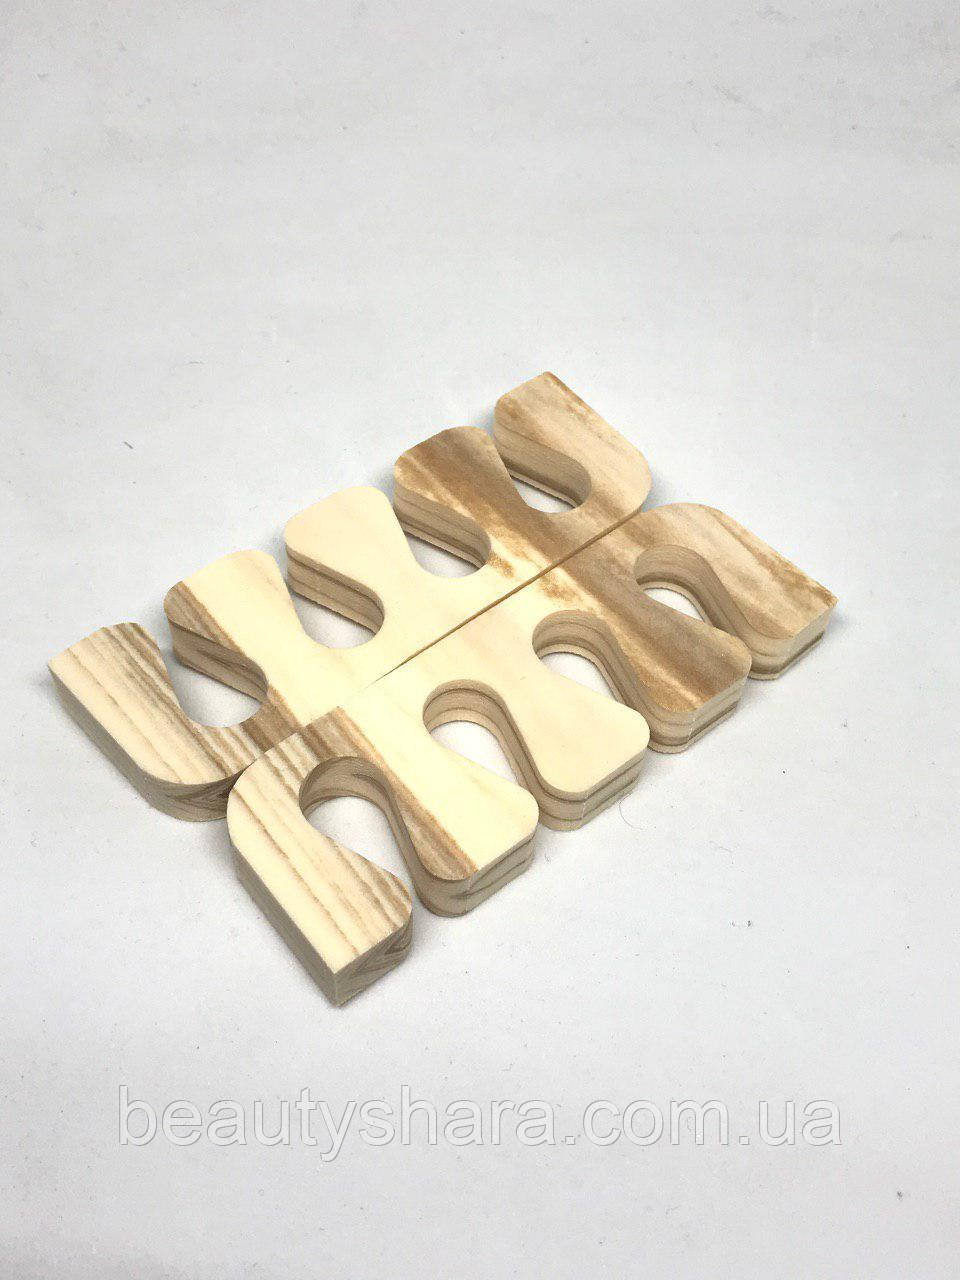 Разделители для пальцев ног (дерево)